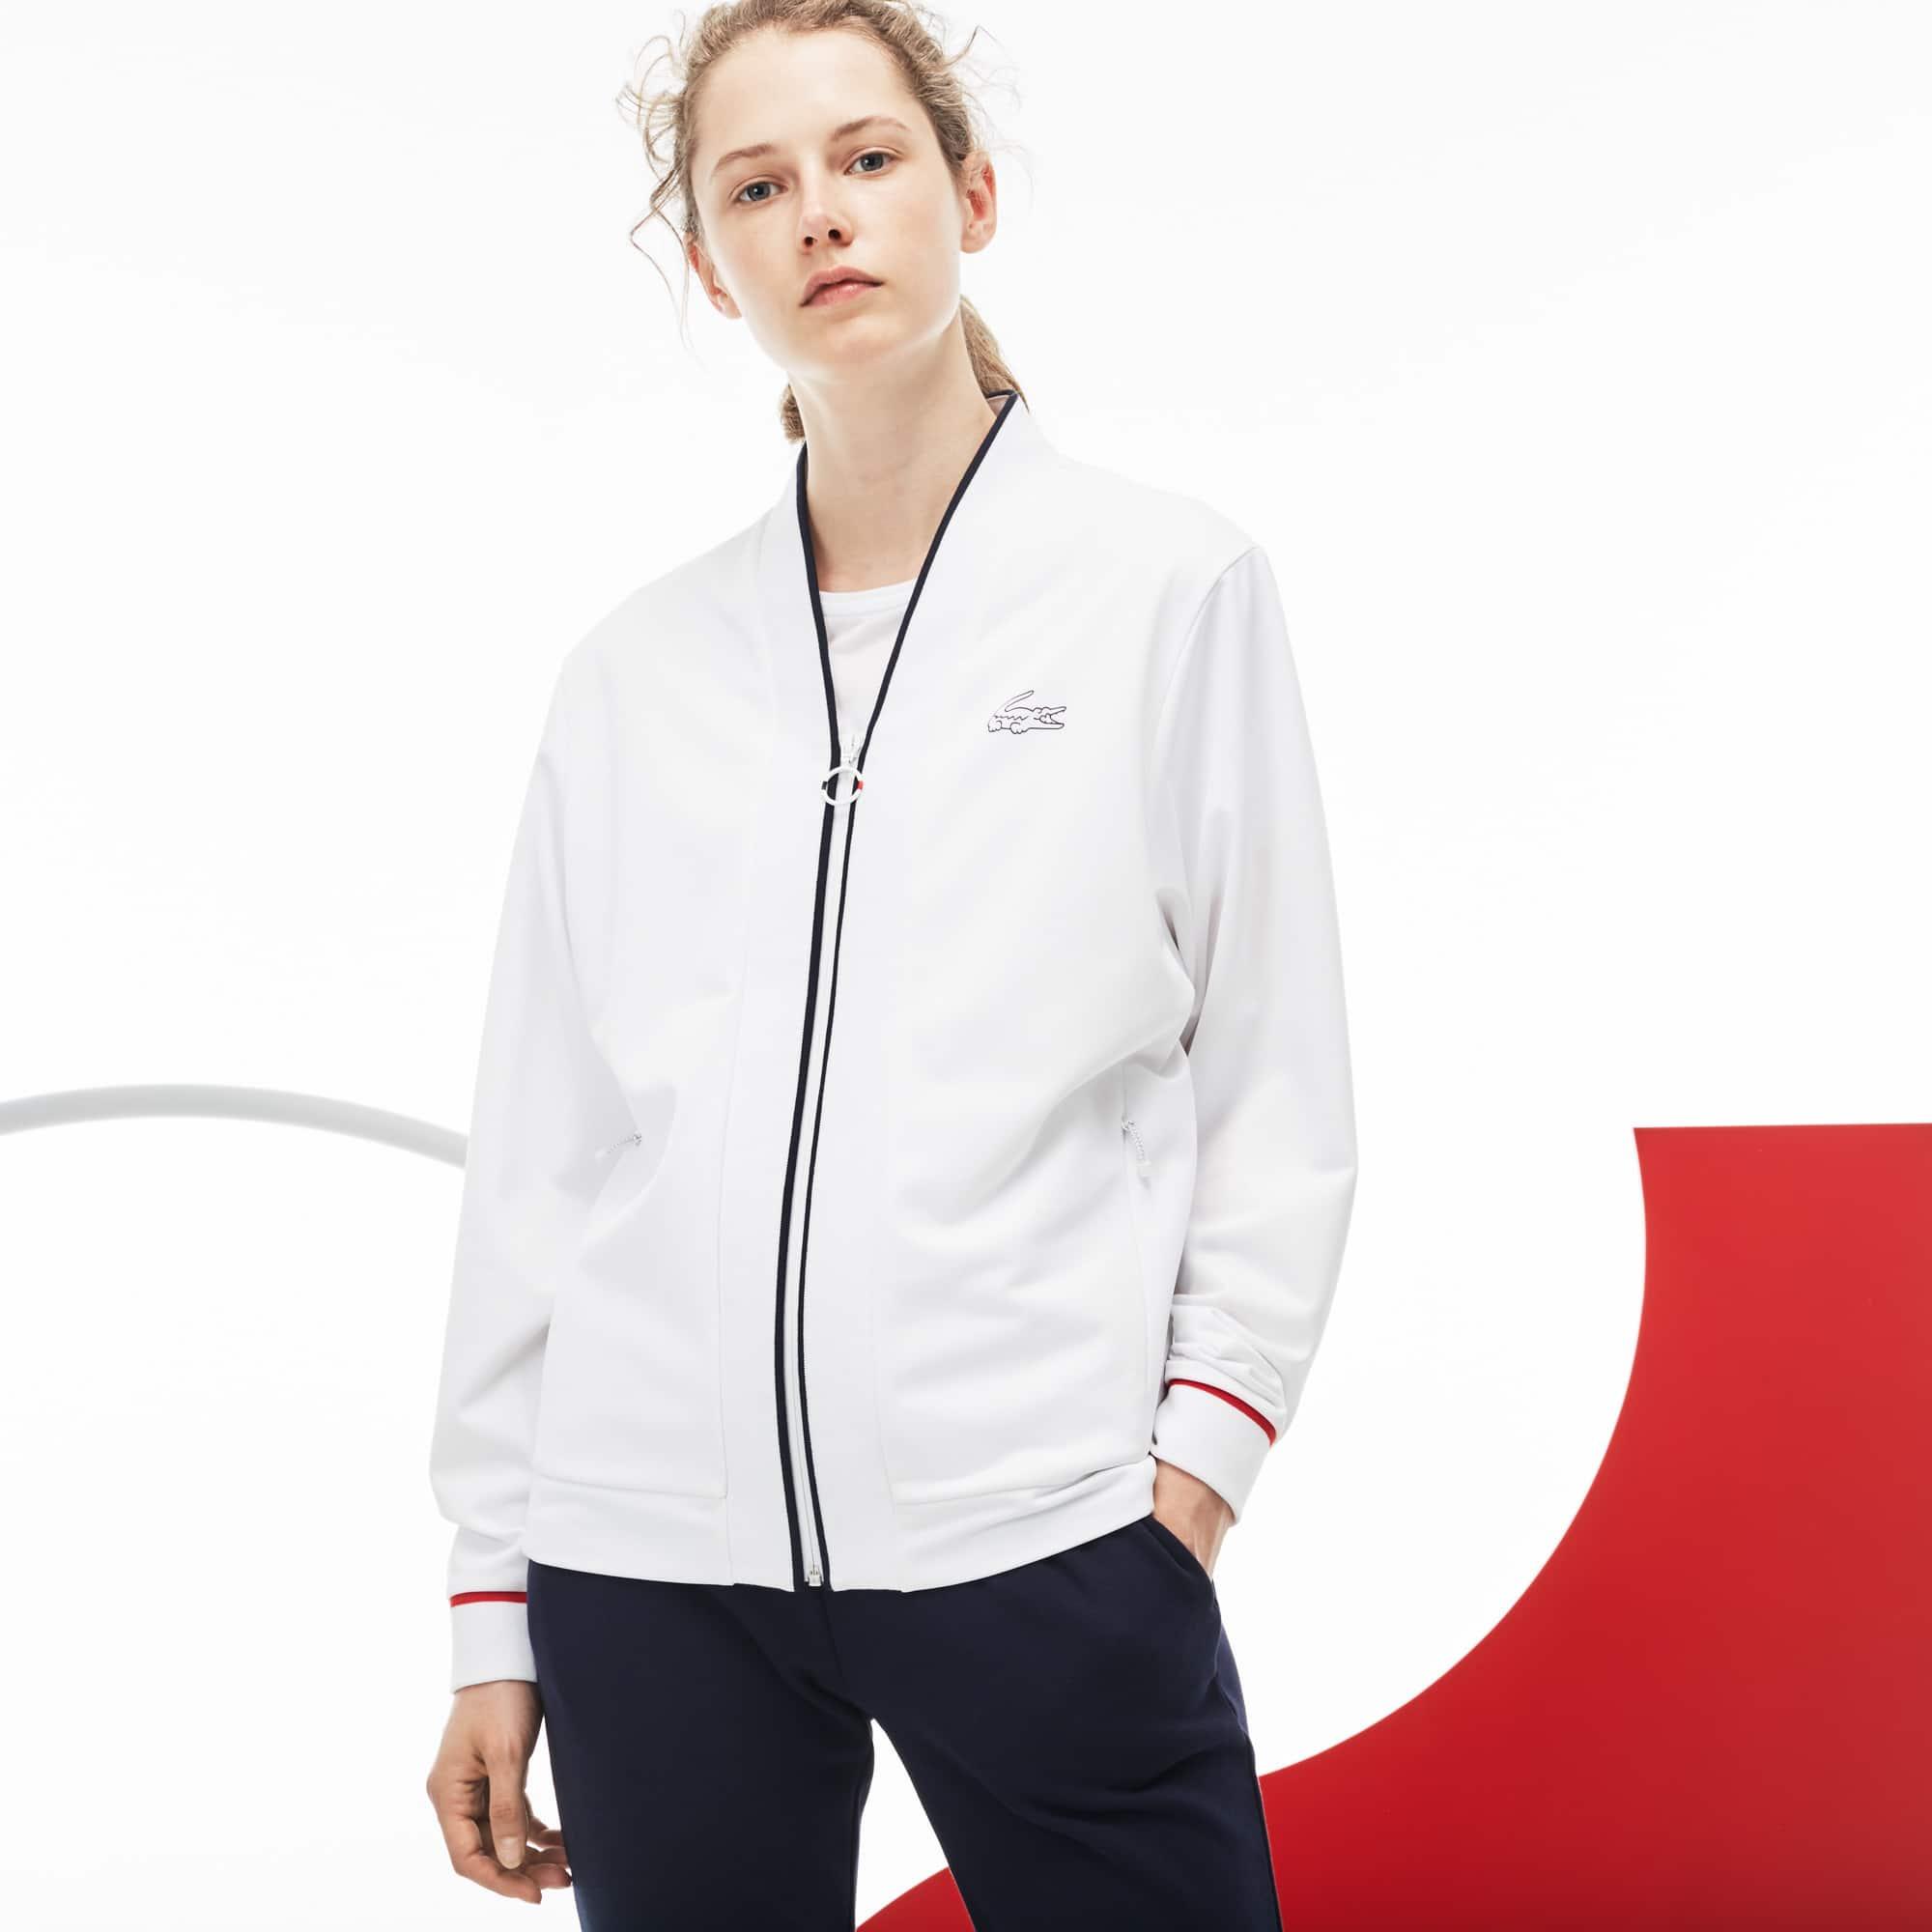 Women's  French Sporting Spirit Edition Tech Piqué Zip Sweatshirt